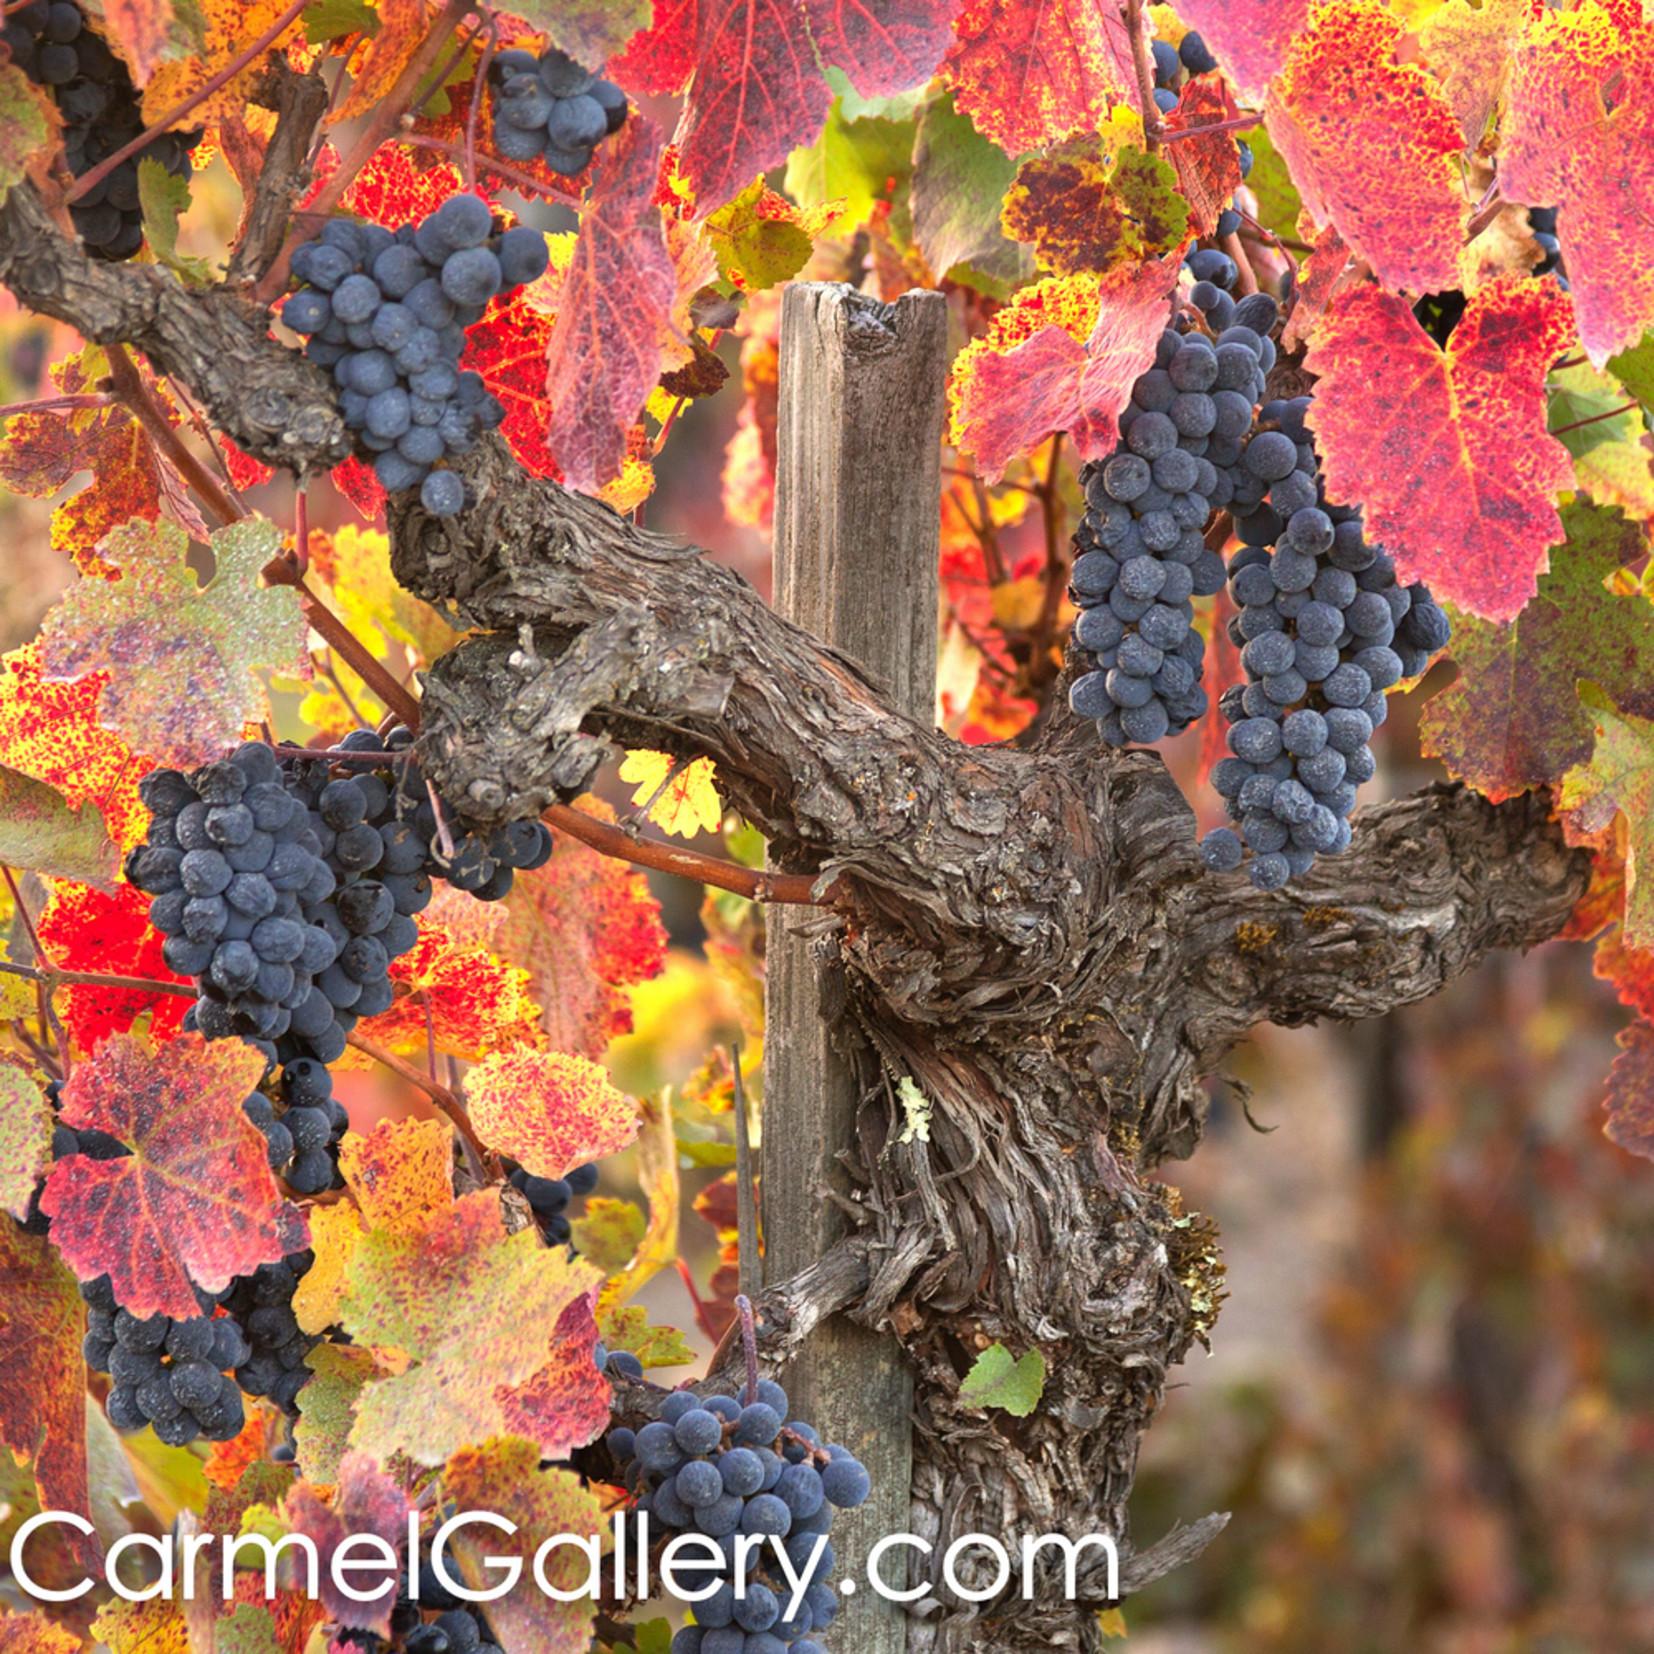 Wild vines wine country uuxshc